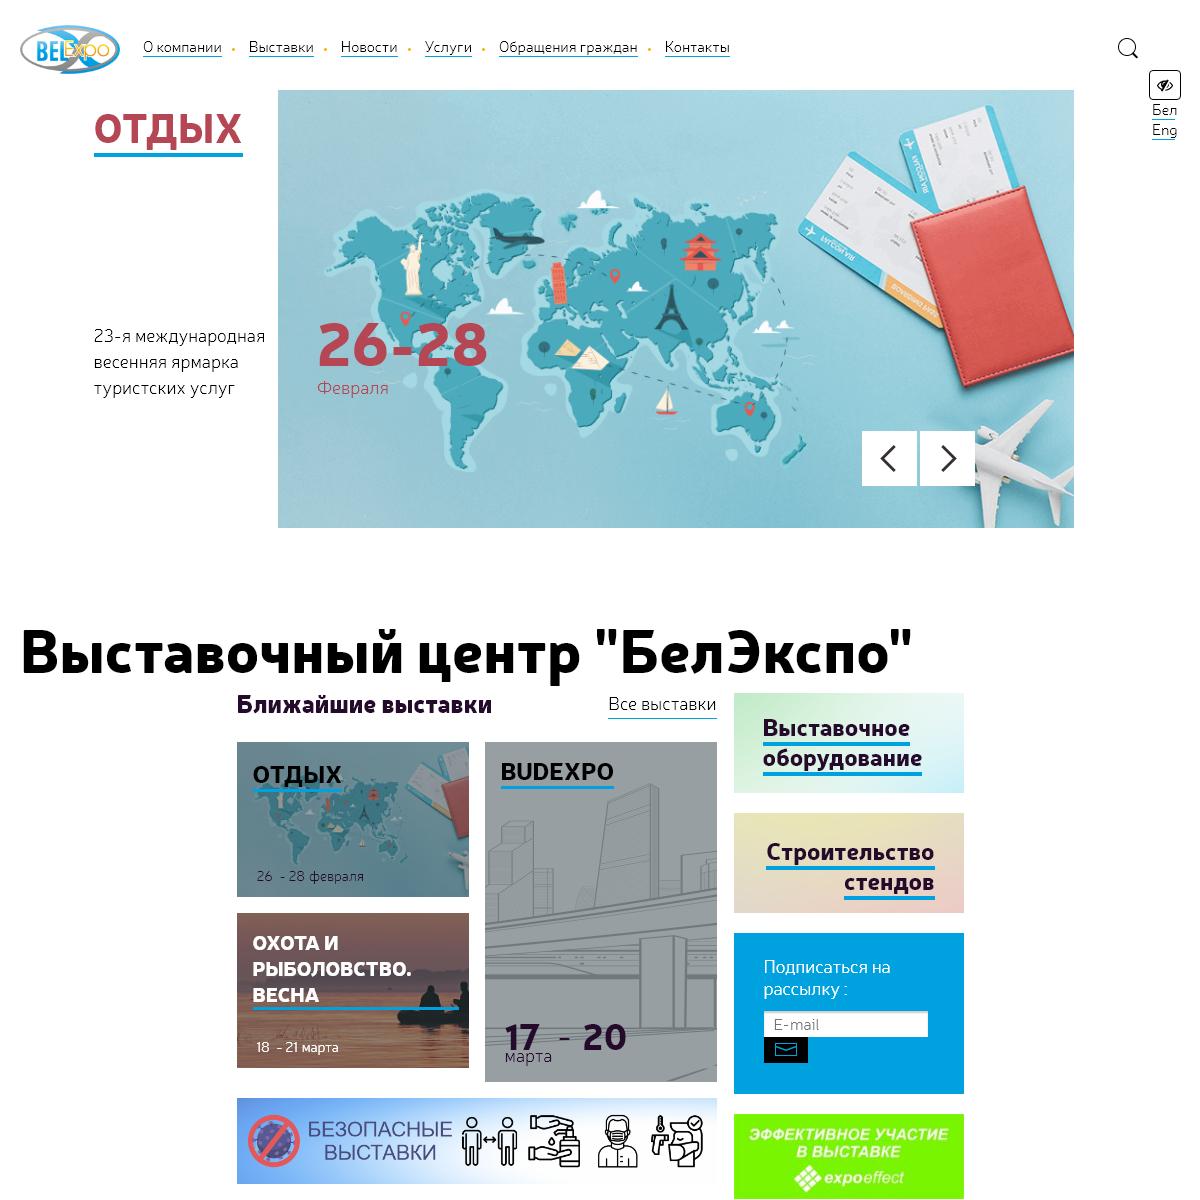 Международные выставки и ярмарки - выставочный центр Белэкспо в Минск